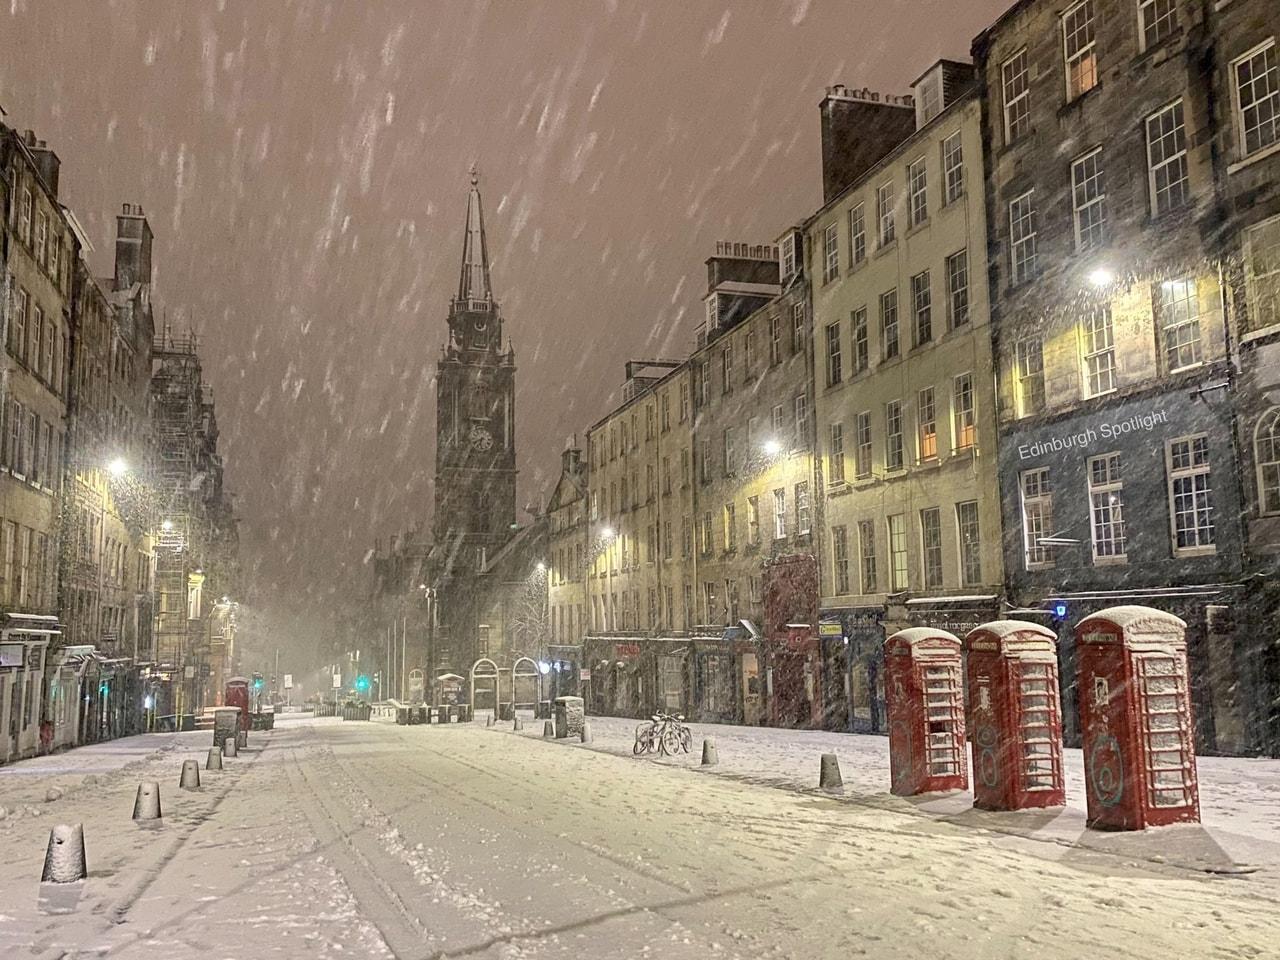 """La profonda depressione """"Christoph"""" sta colpendo la Gran Bretagna: venti oltre 100 km/h e tempeste di neve"""